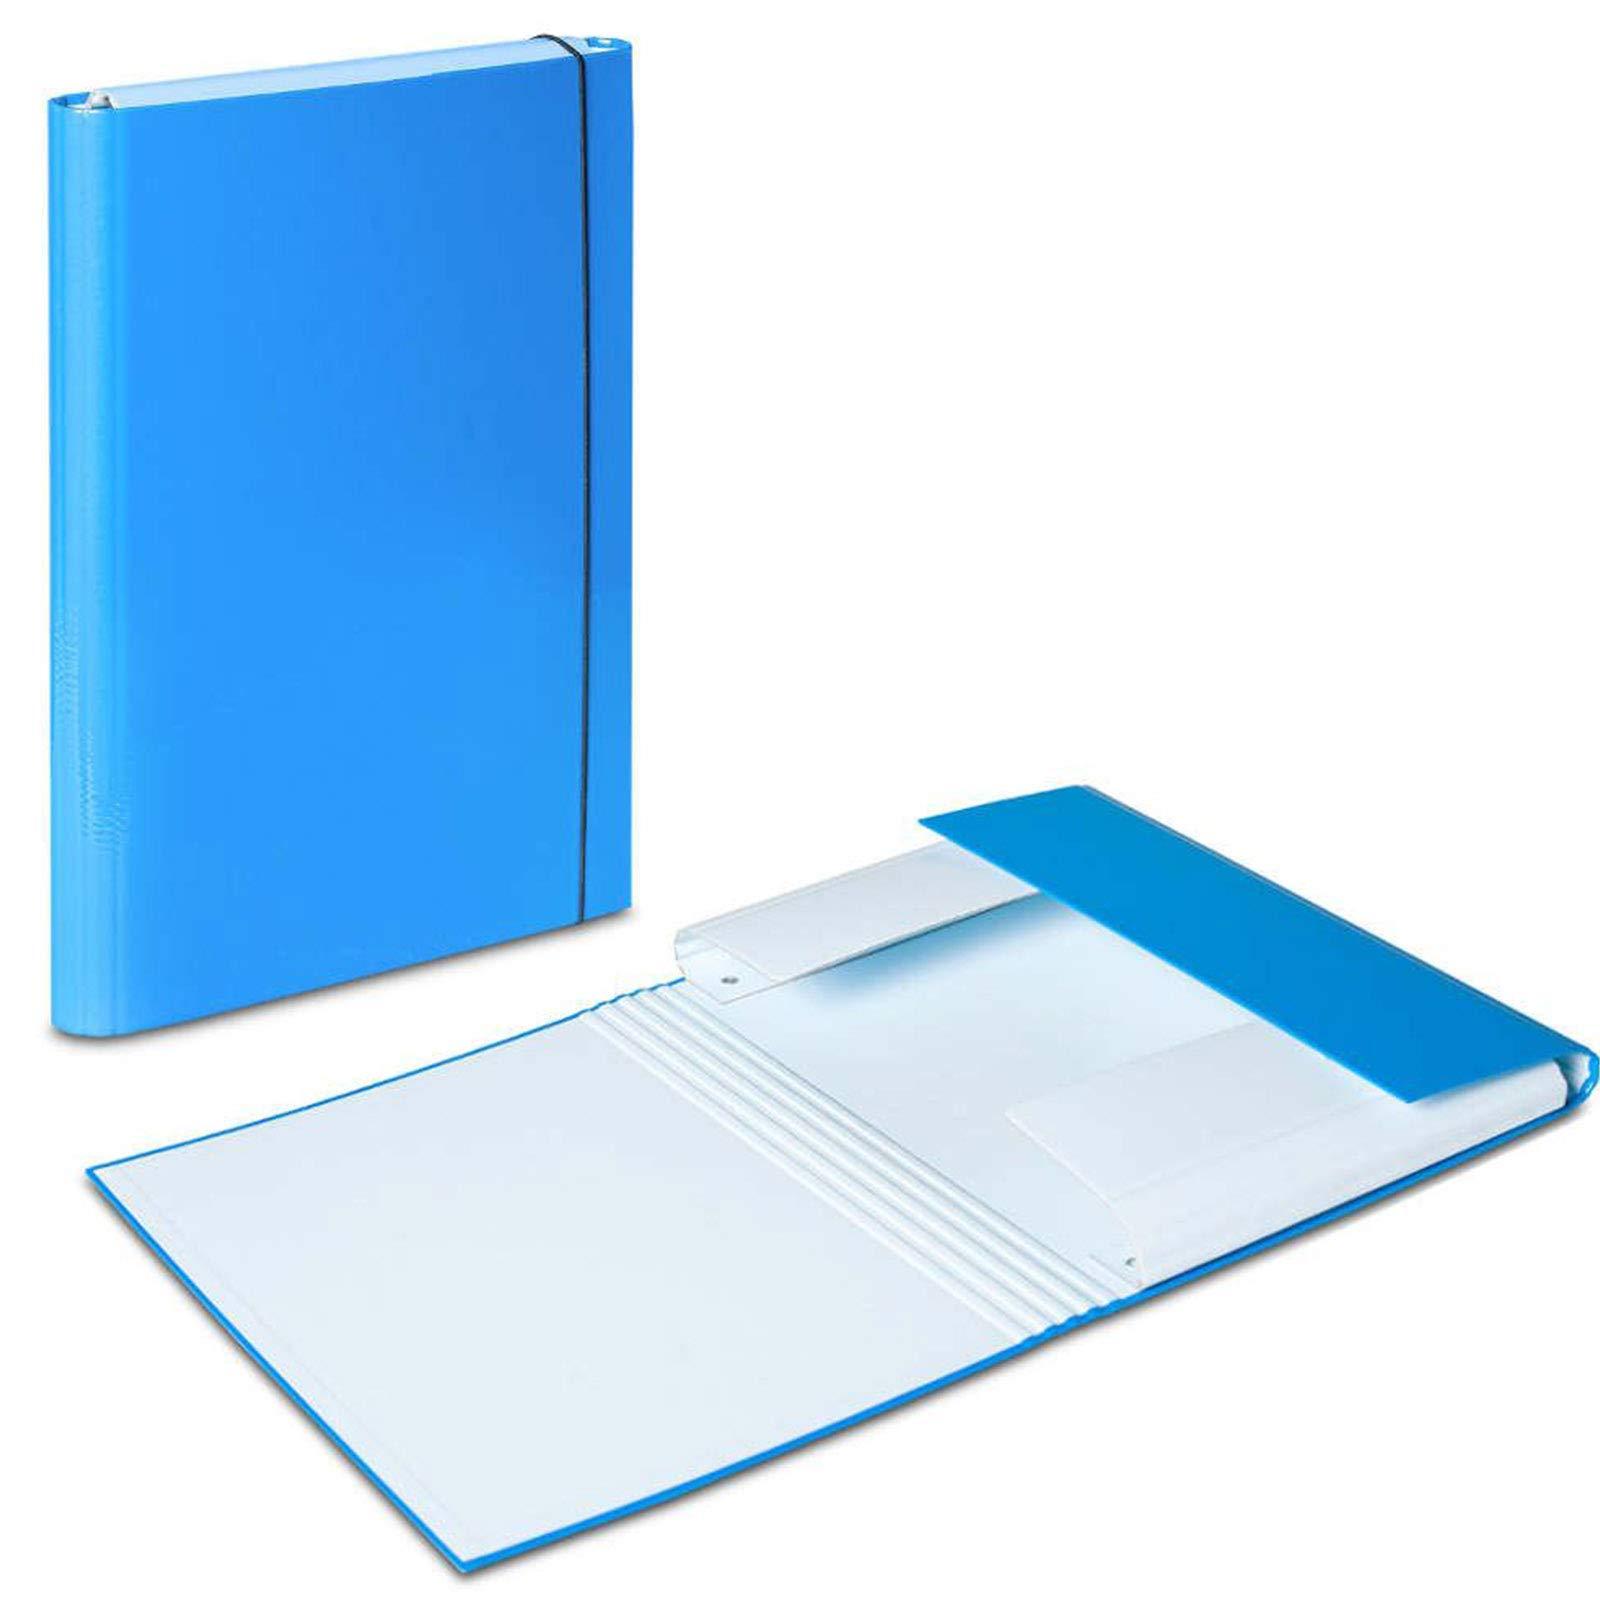 3 x azul – azul pastel A4 documento carpeta elástica banda caja de almacenaje organizador de archivos carpetas tamaño folio papel cartón duro Duo colores: Amazon.es: Oficina y papelería